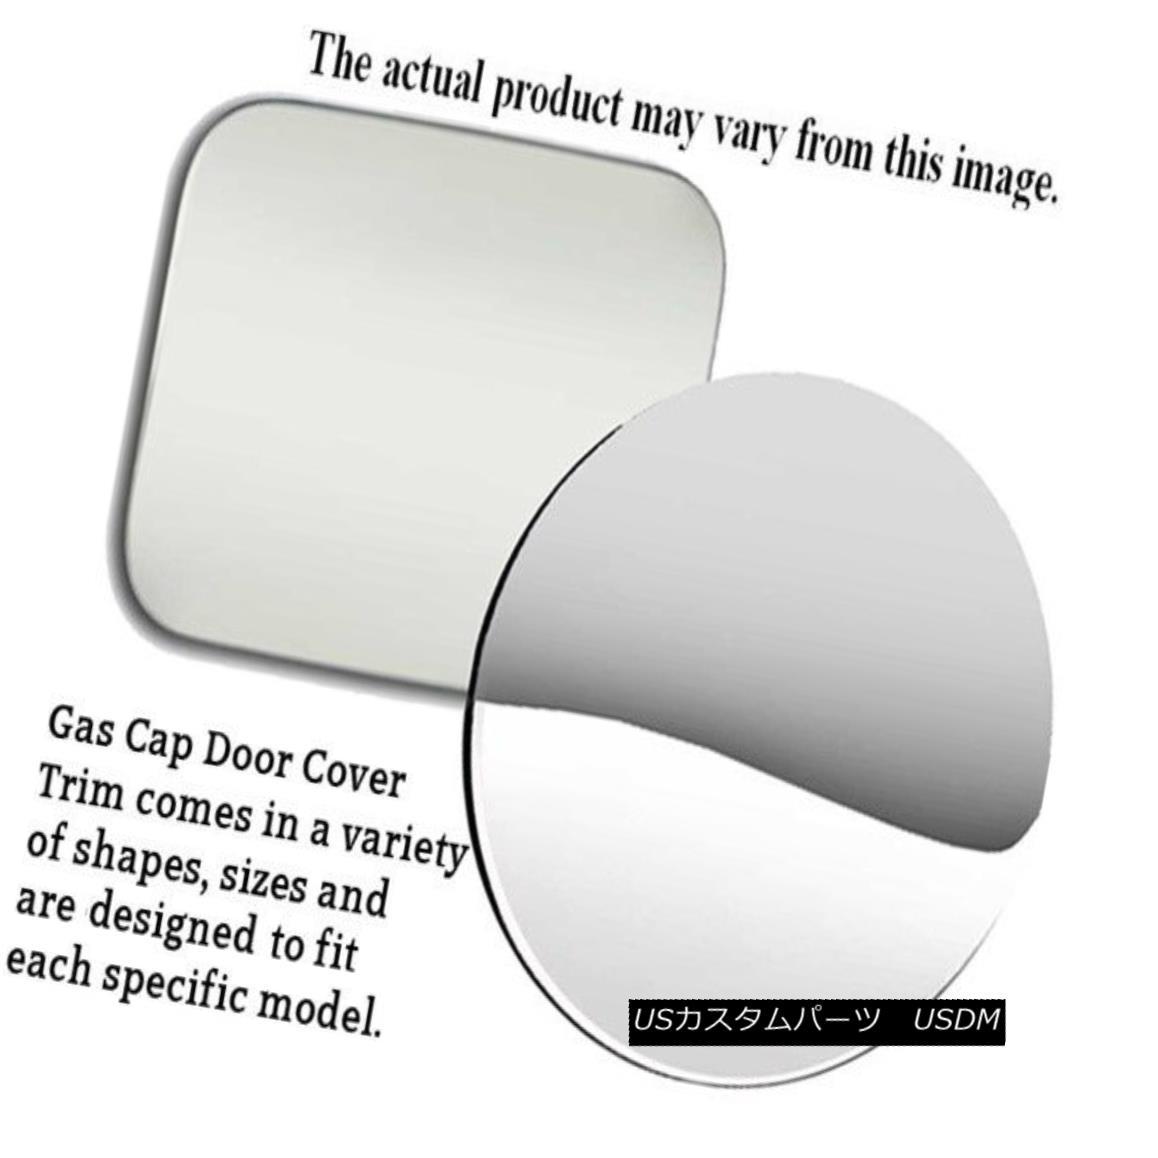 グリル Fits 1989-1991 CADILLAC ELDORADO 2-door -Stainless Steel GAS CAP DOOR フィット1989-1991 CADILLAC ELDORADO 2ドア - ステンレススチールガスCAP DOOR